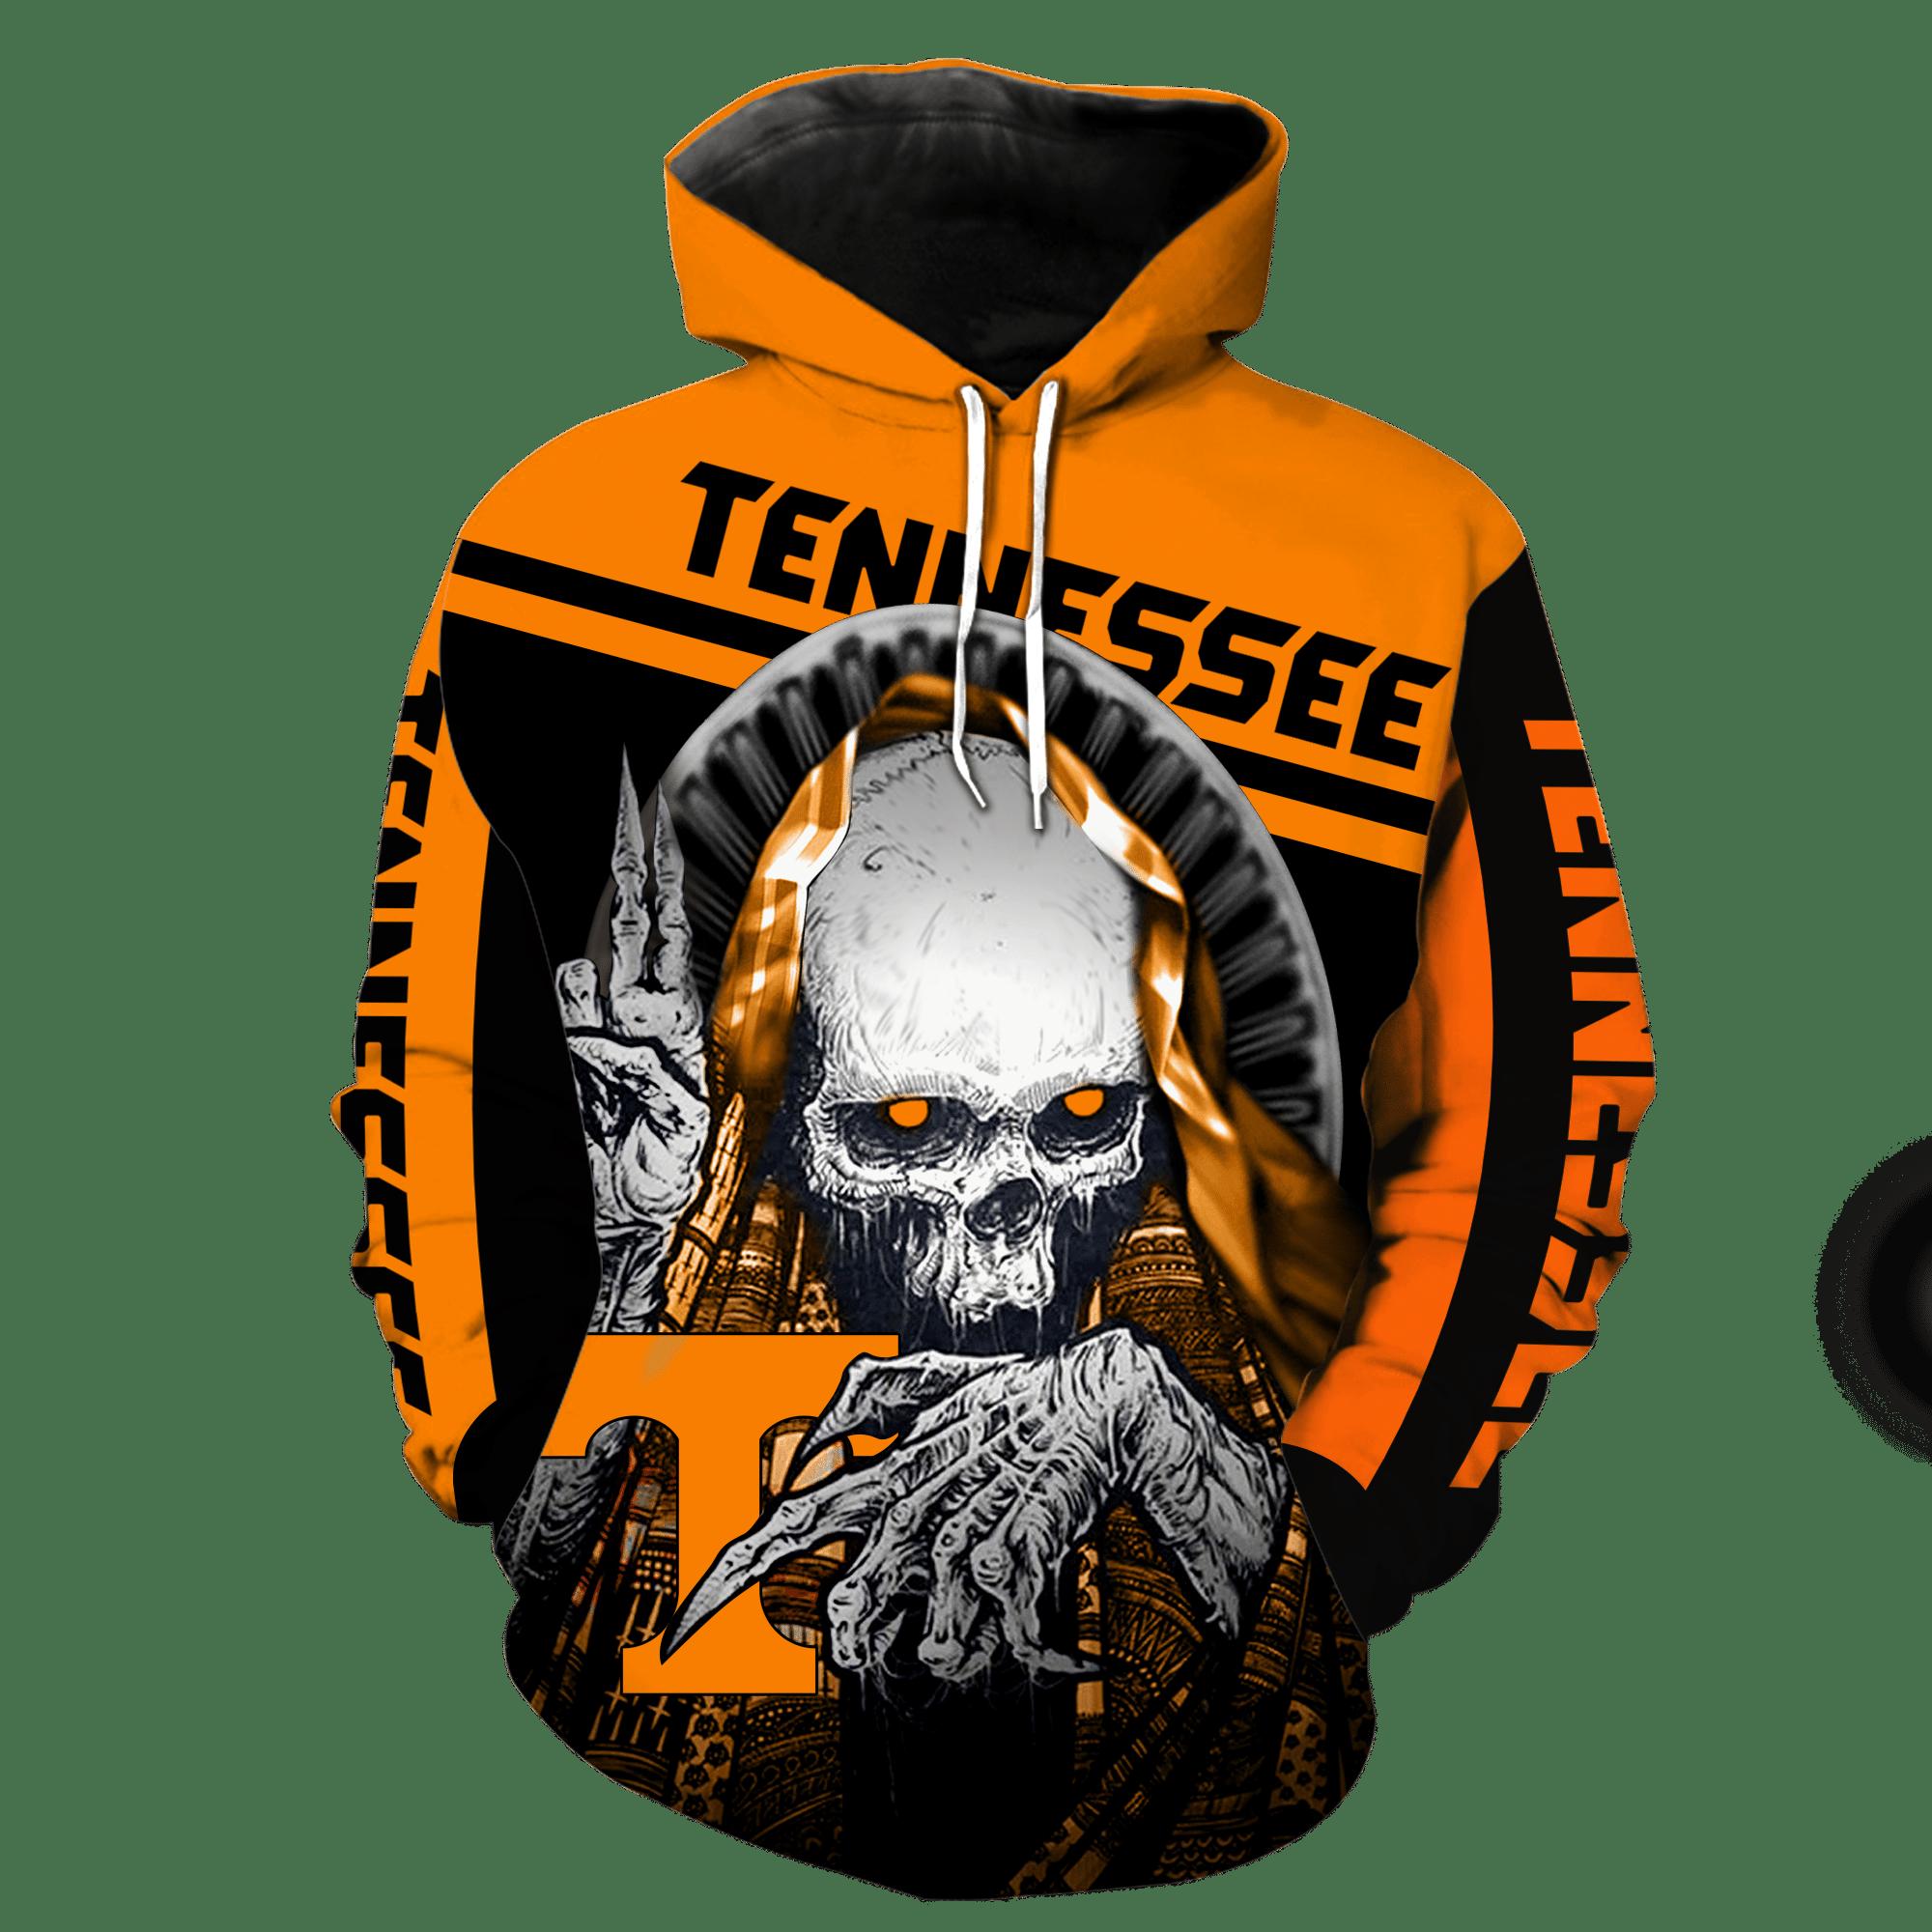 NCAA Tennessee Volunteers Skull Hoodie and T-shirt